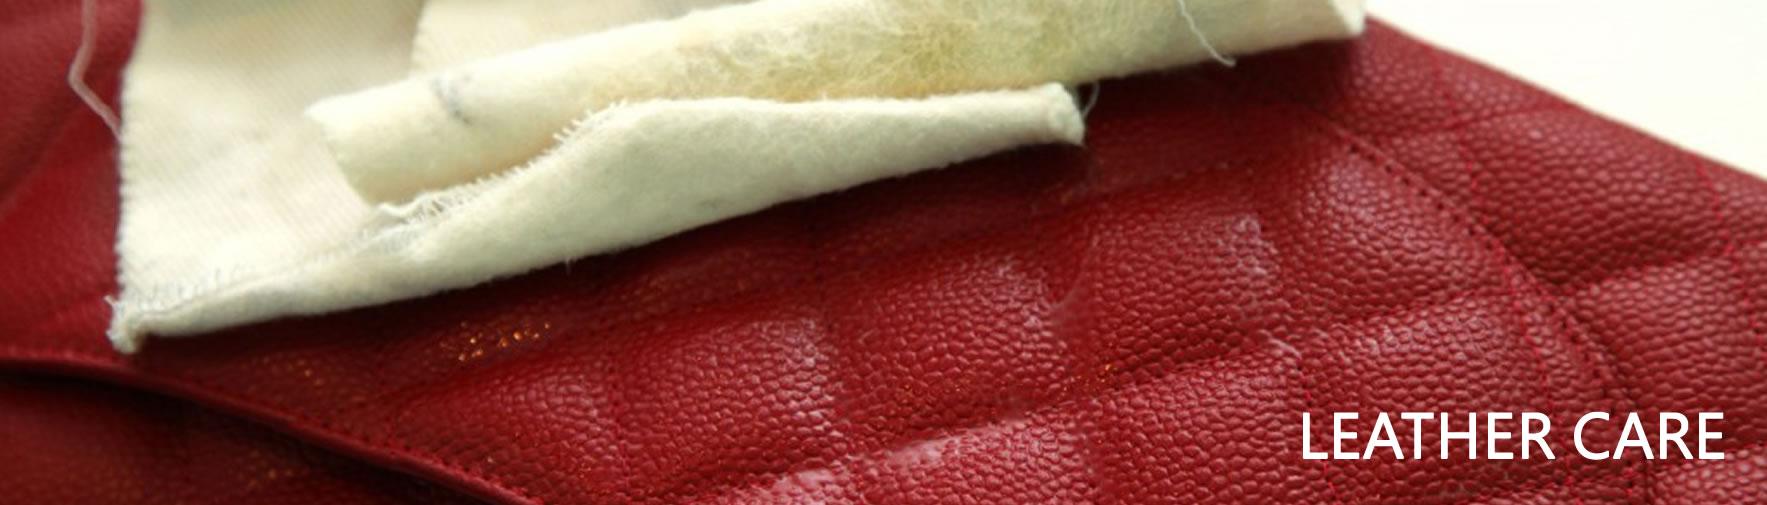 Leather Care 皮革服務